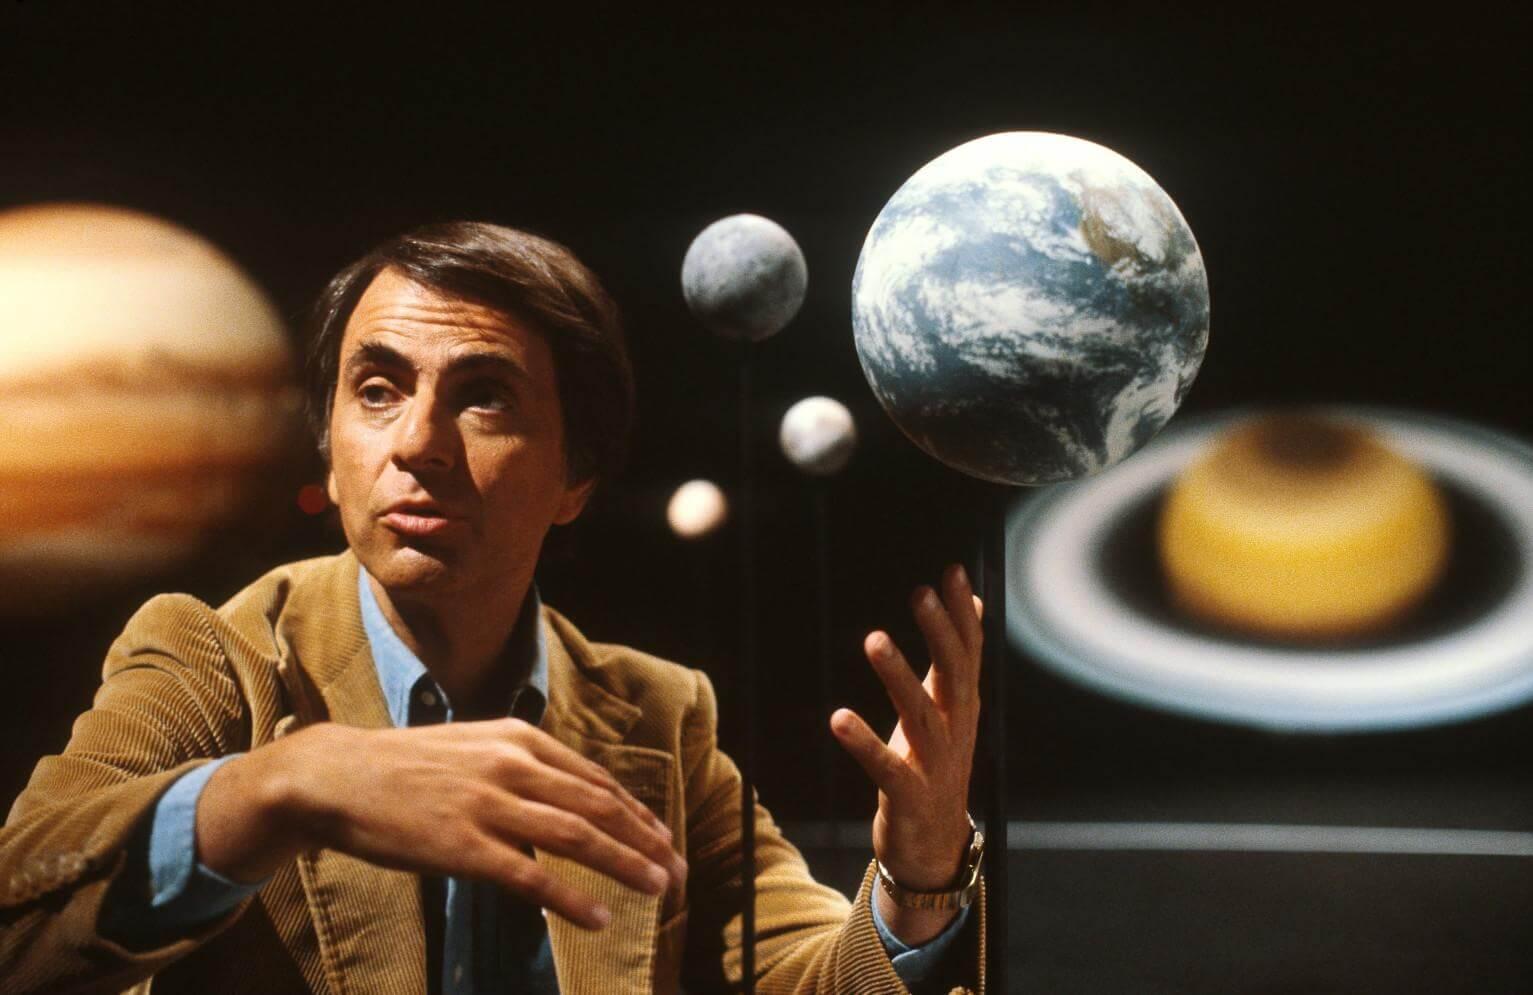 Uma entrevista inesquecível com o brilhante astrofísico Carl Sagan 6